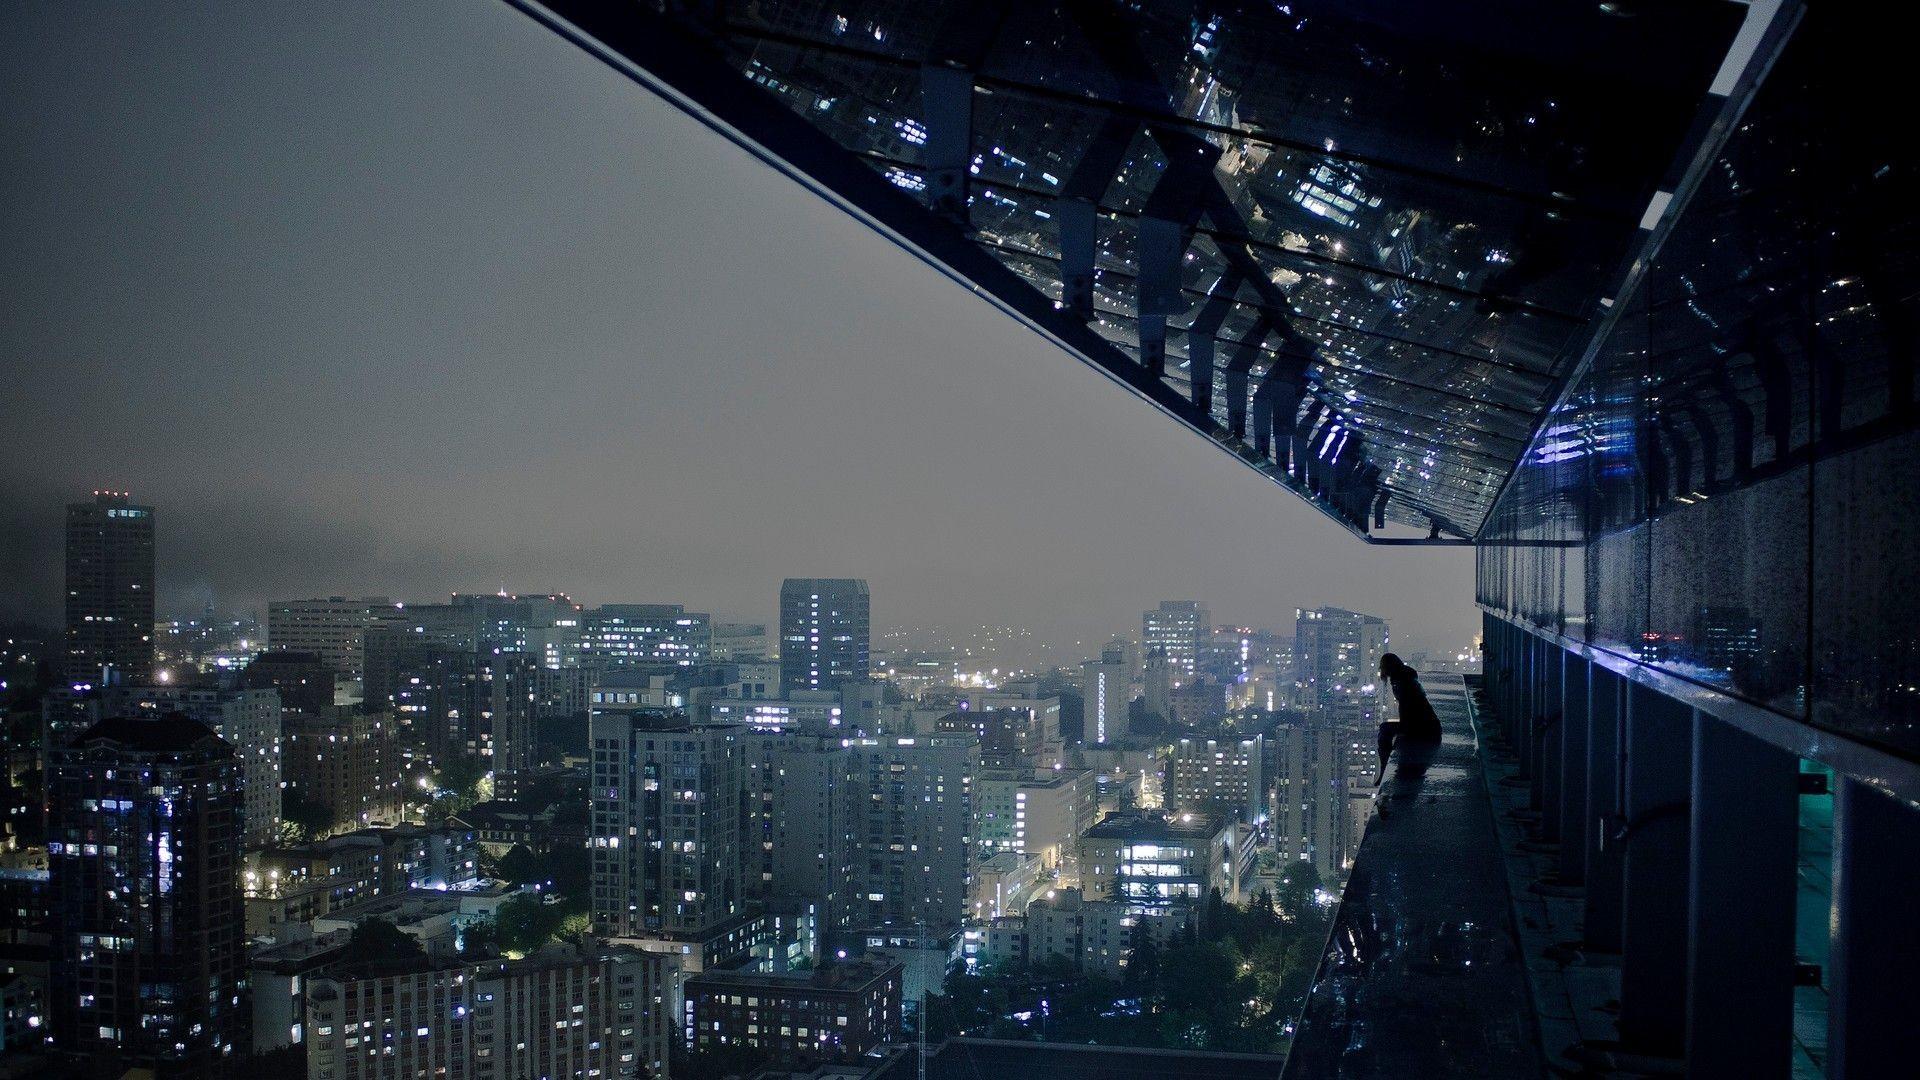 City Night Lights HD Wallpaper » FullHDWpp – Full HD Wallpapers .